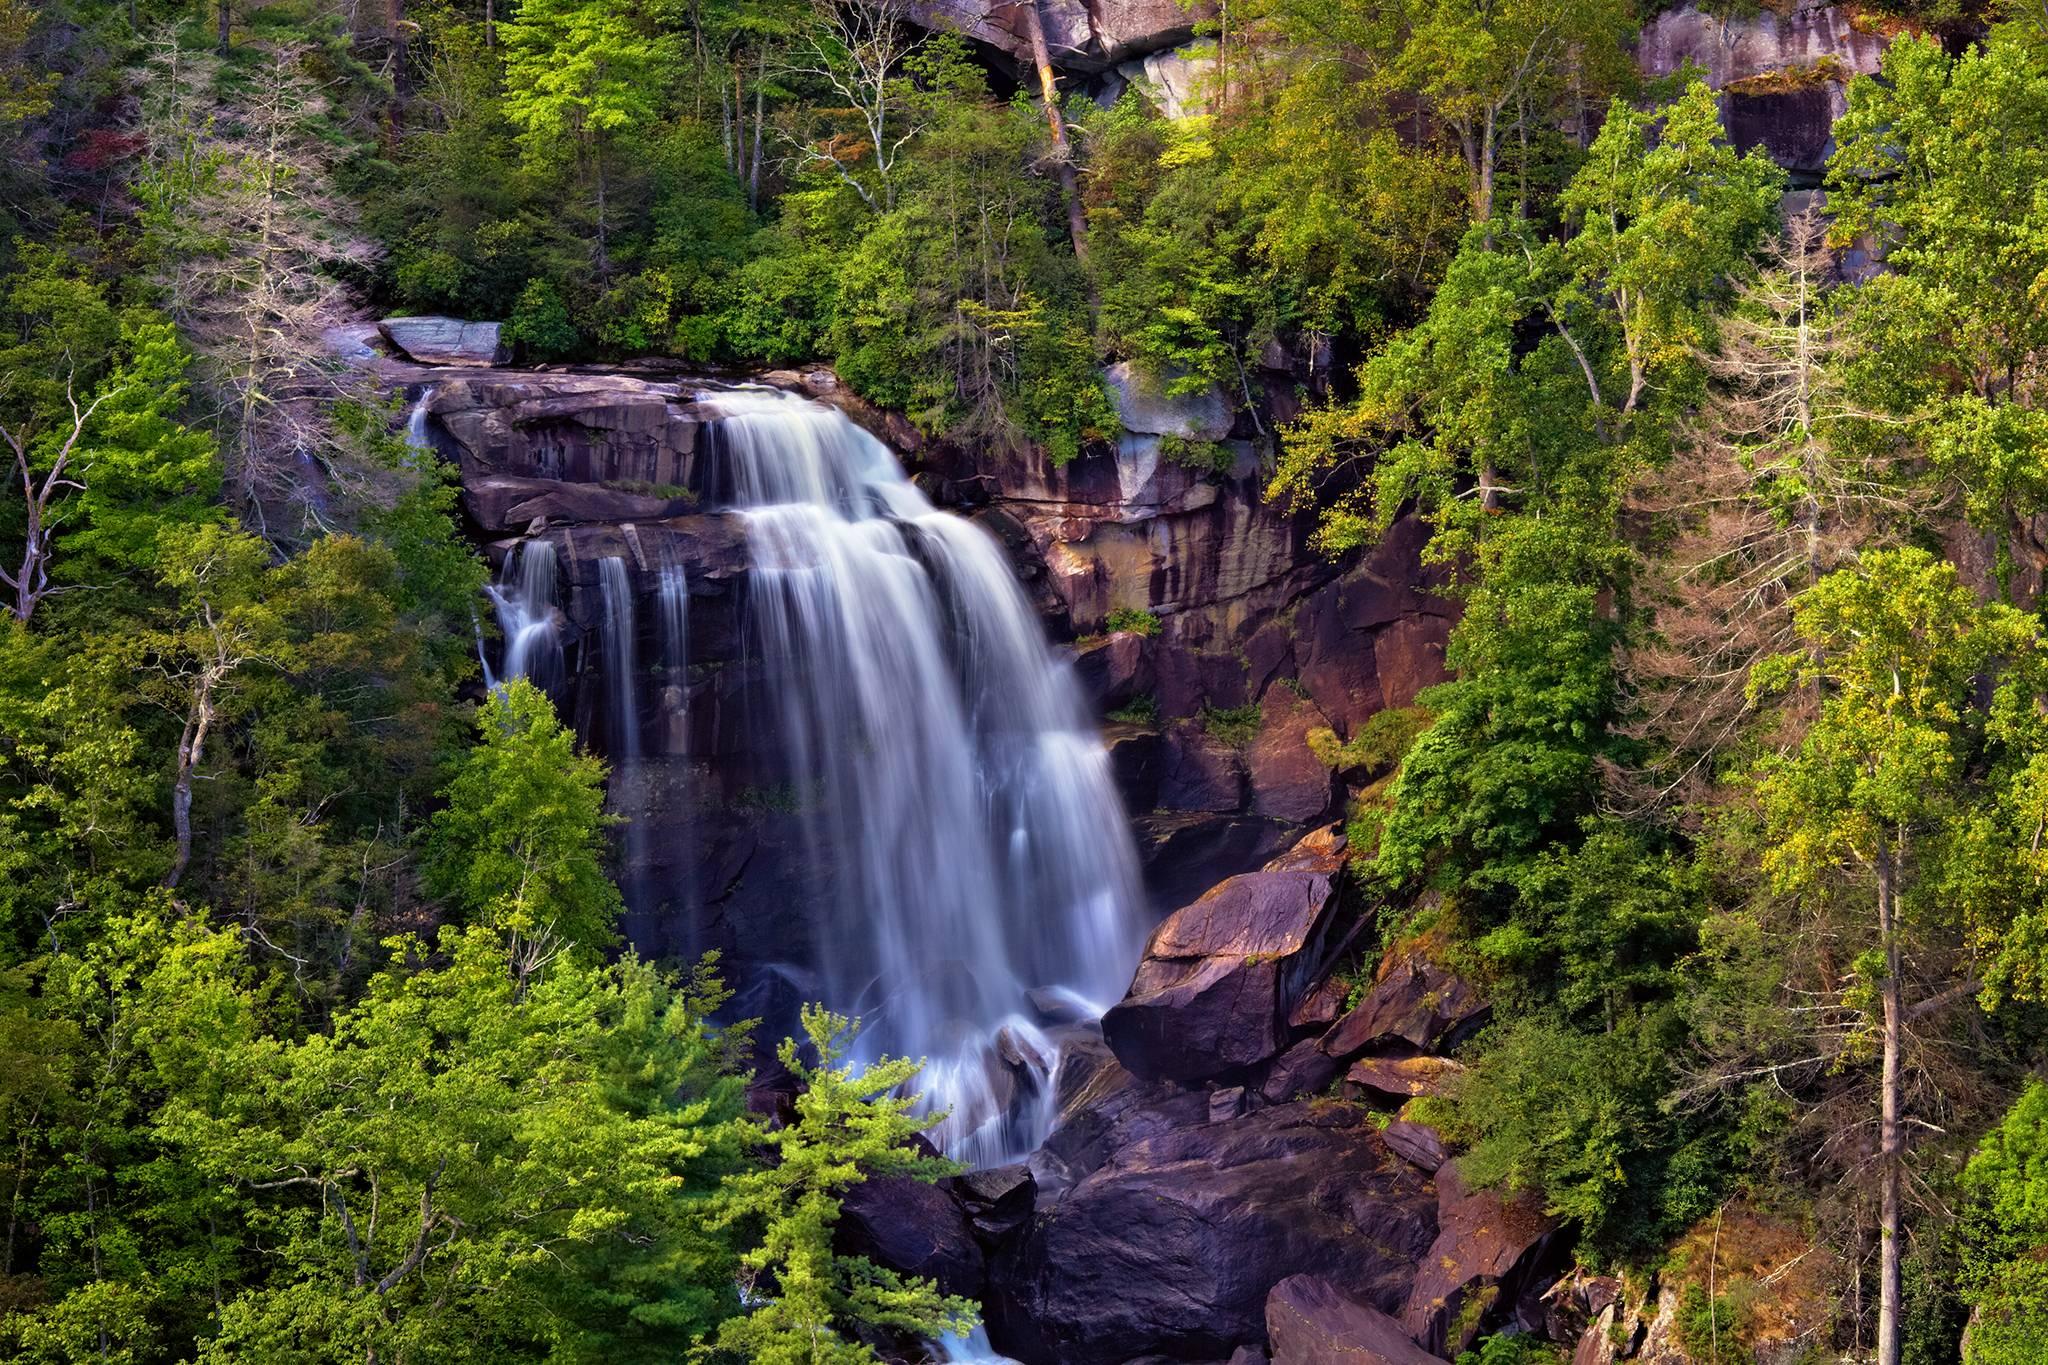 водопад, Северная Каролина, скалы